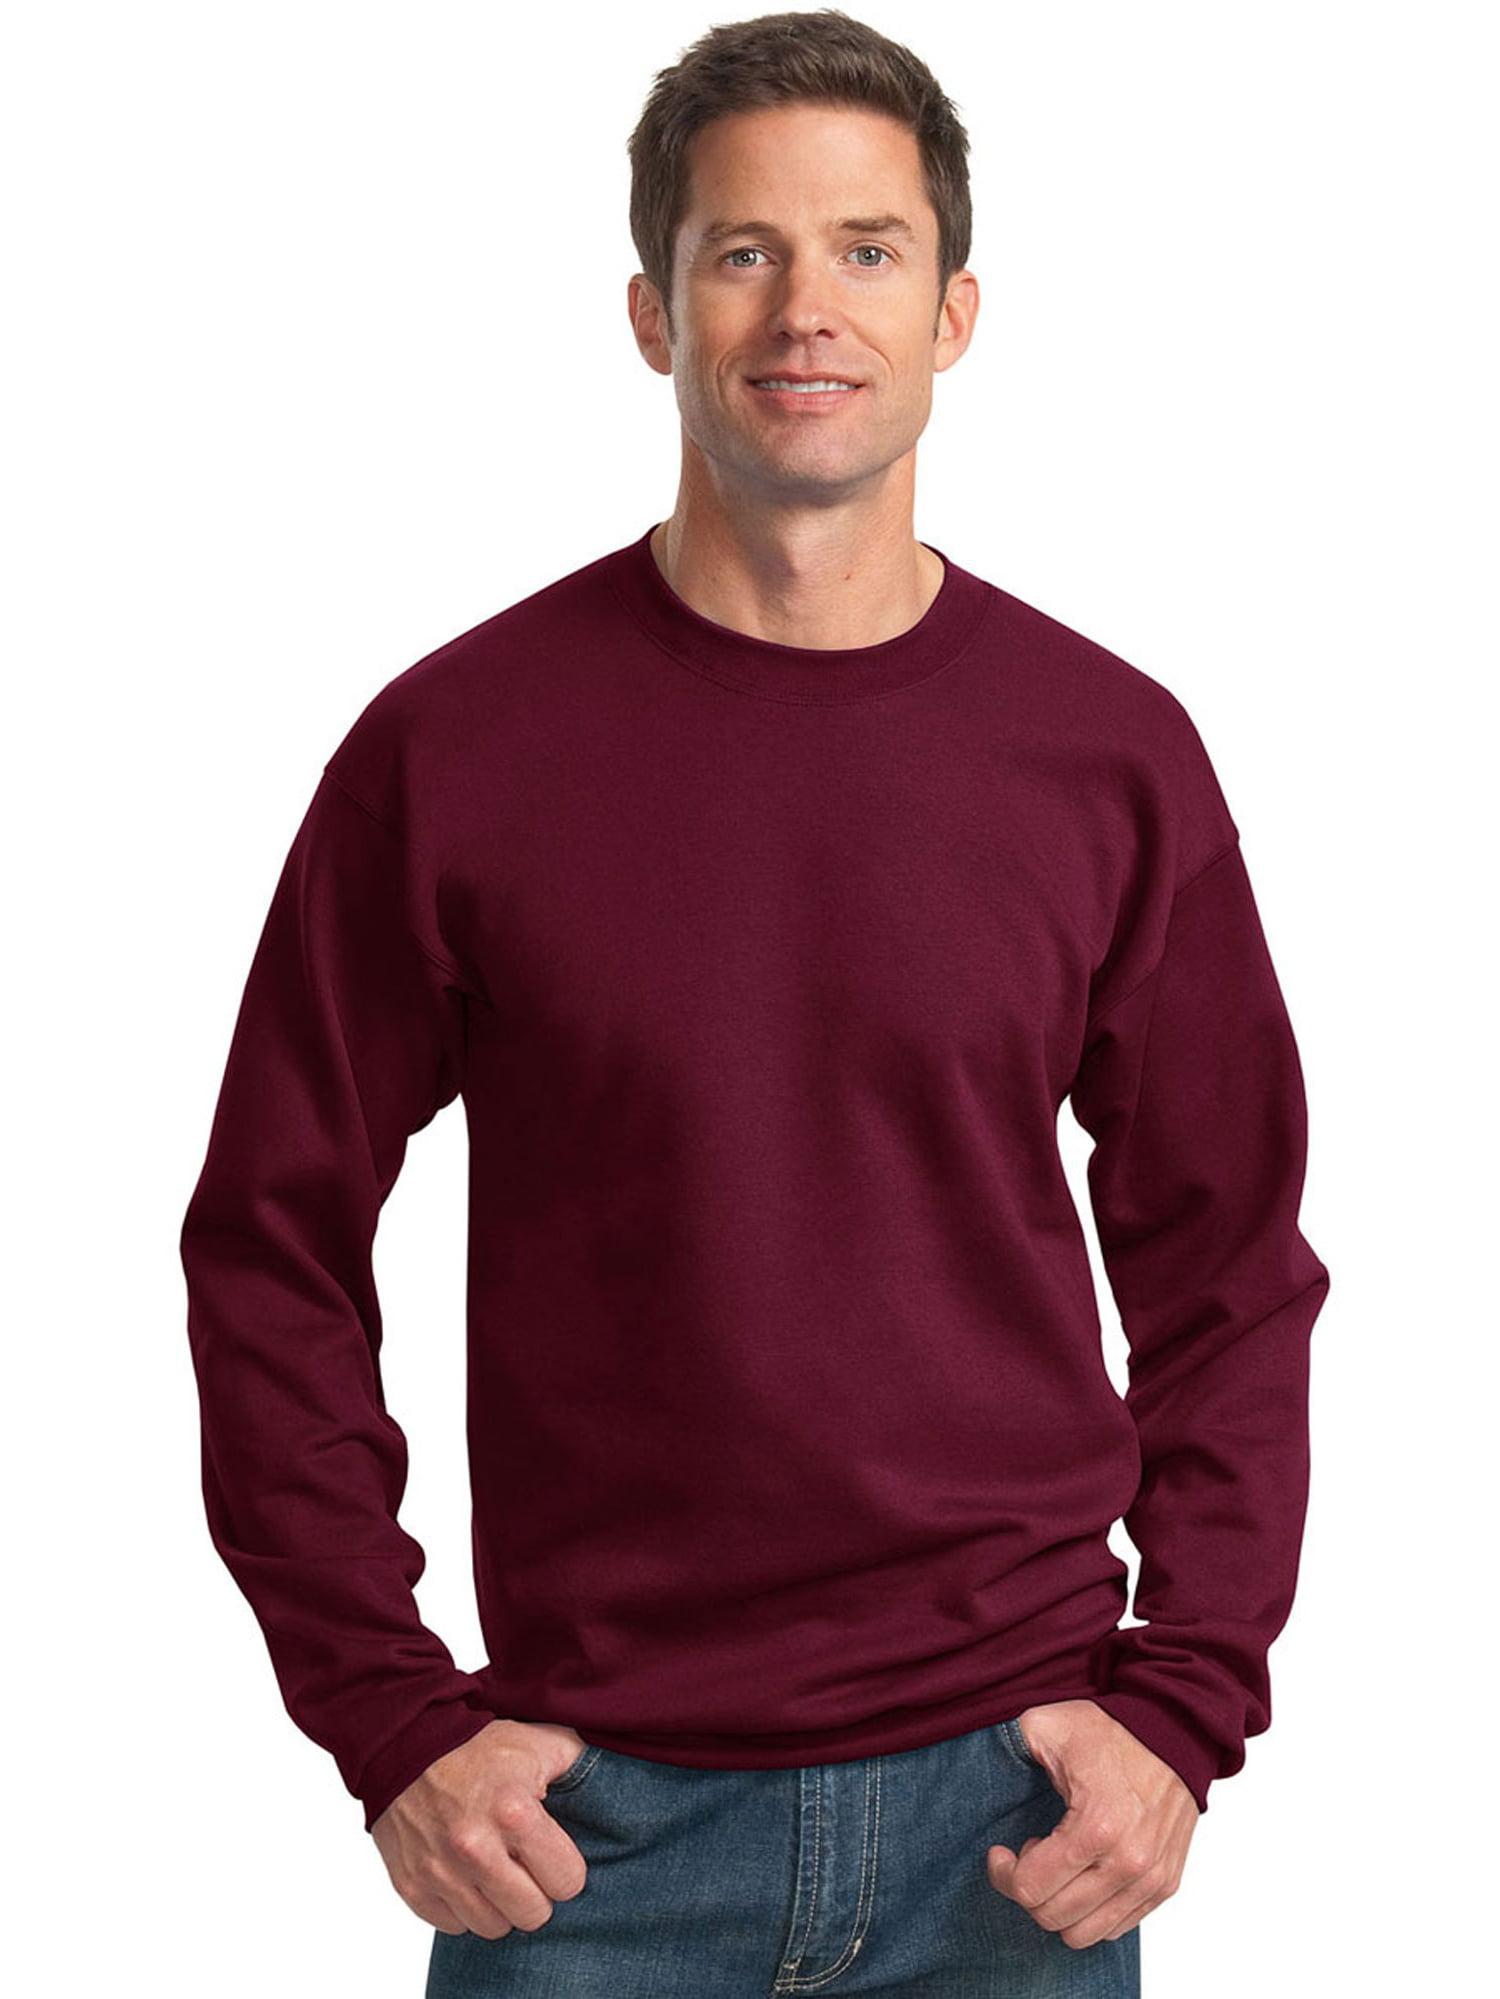 Port & Company Men's Crewneck Perfect Relaxing Sweatshirt